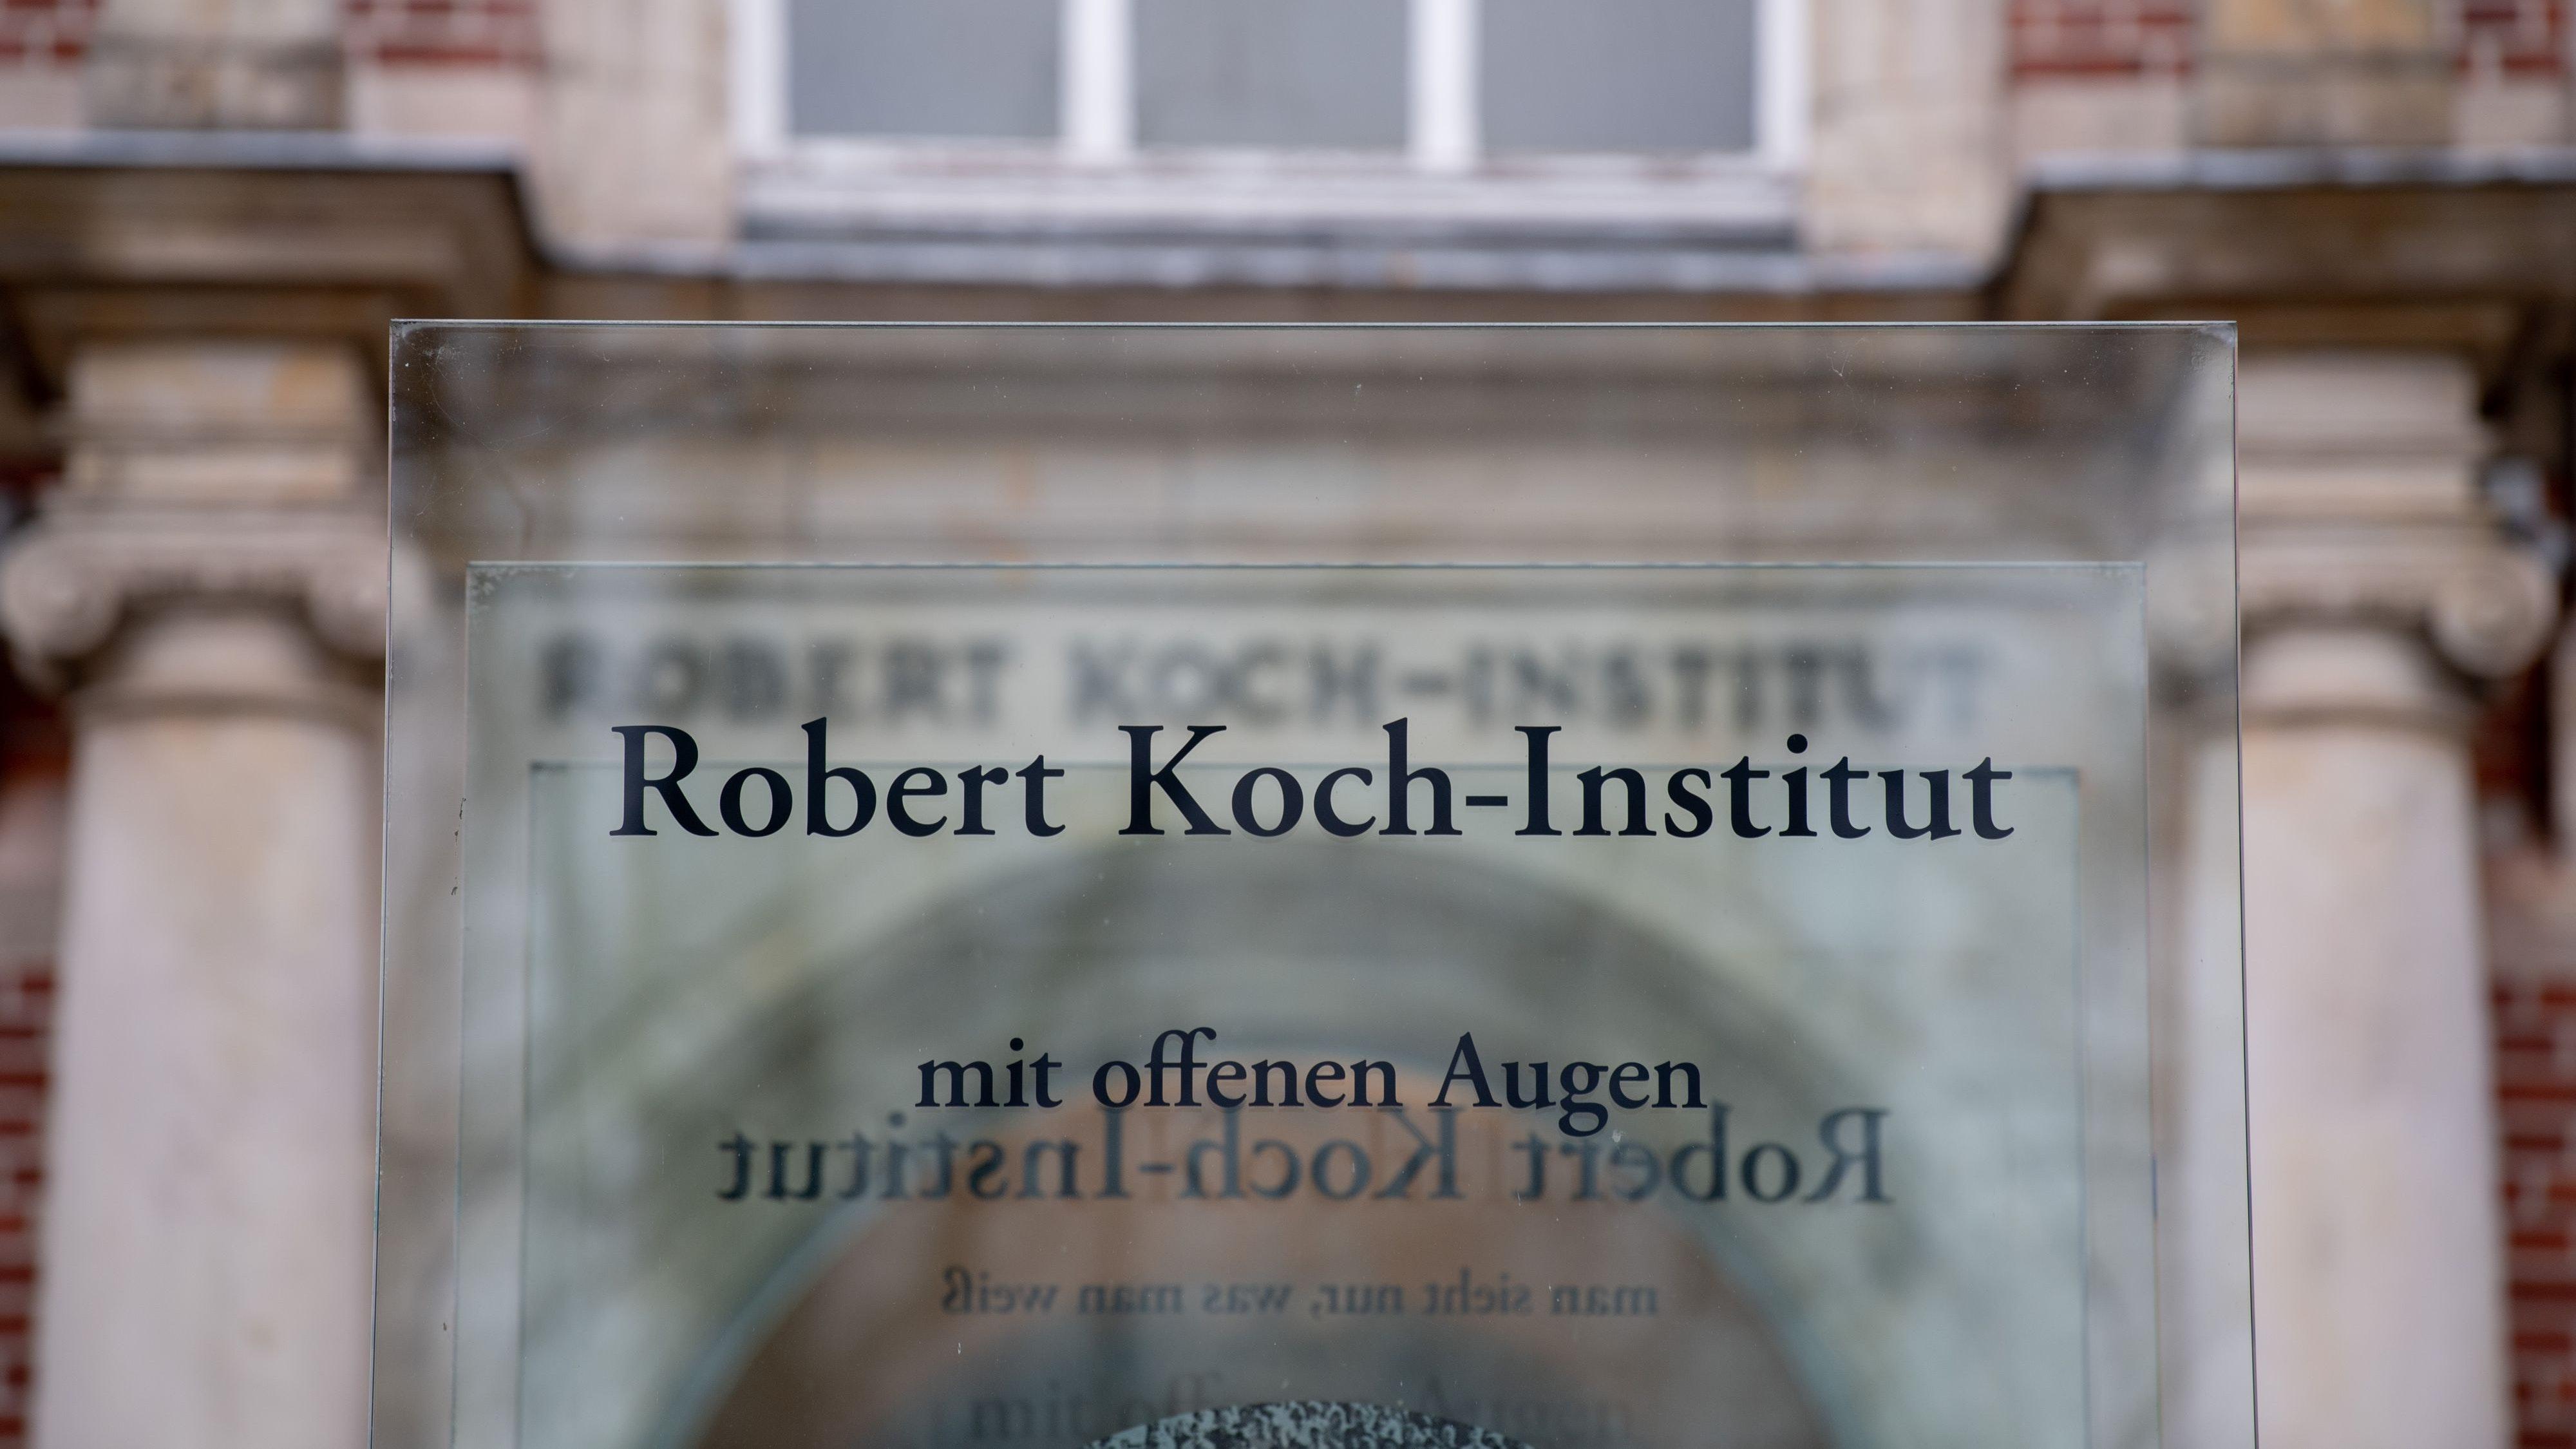 Der Eingang zum Robert Koch-Institut (RKI), in dem die aktuelle Lage zum Coronavirus beurteilt wird. Foto: dpa/Hutzler